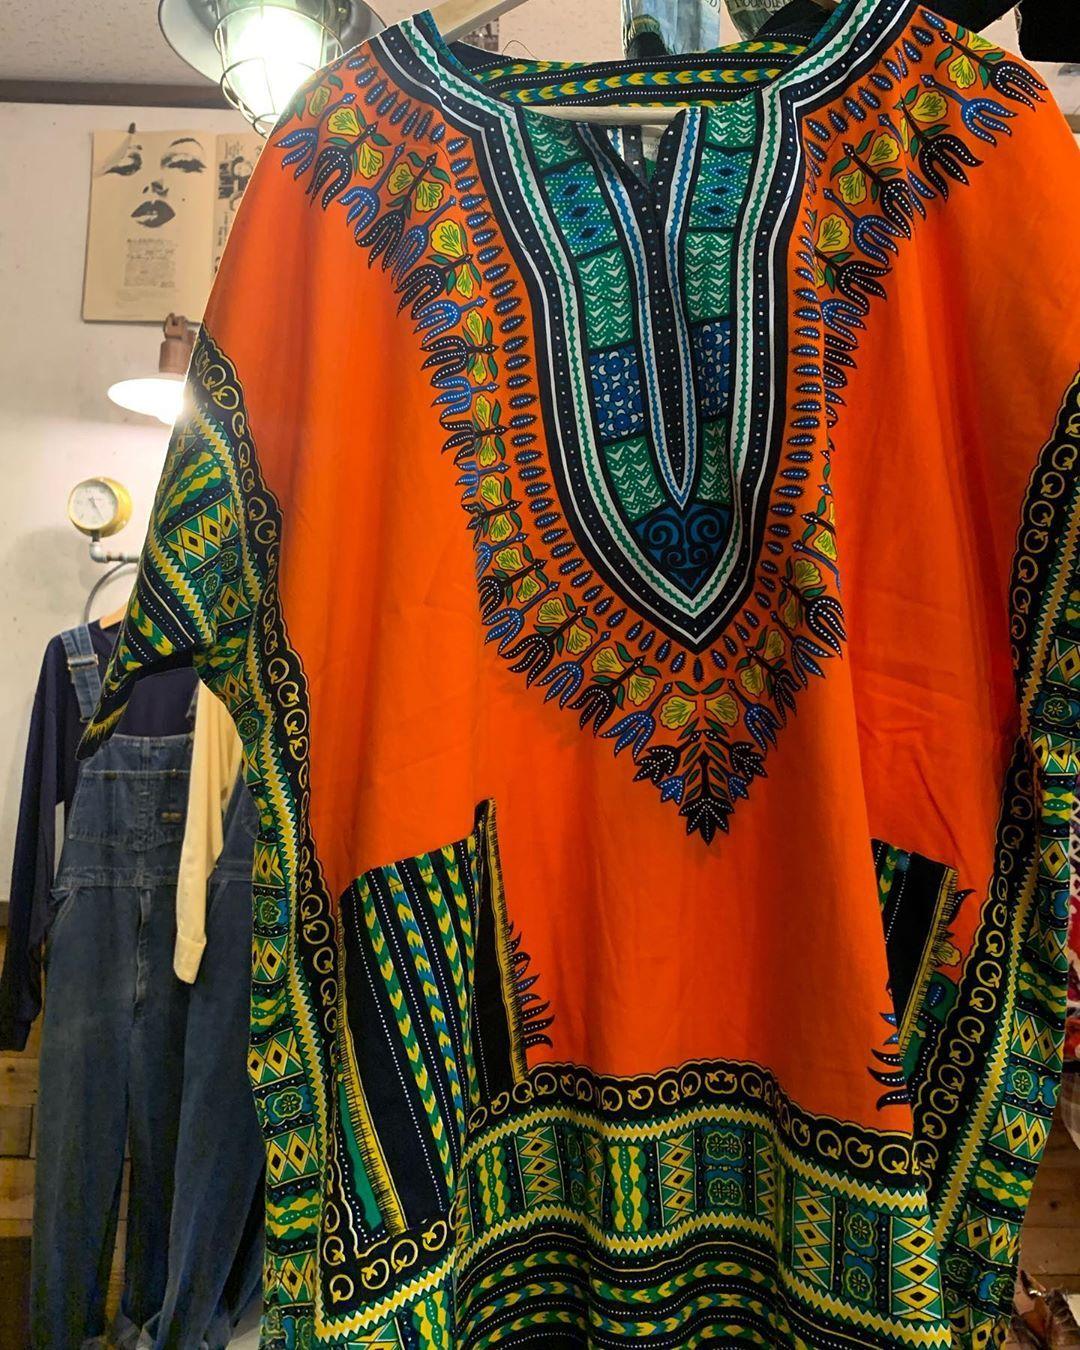 new arrival . pullover African Batik shirt . 着るだけでアフリカを感じれるアイテム(?) デザイン違いでメンズ・レディースあります! 問い合わせ等は DMからお願いします! #古着屋CORK#okinawa#沖縄#古着屋#古着屋コルク#used#古着#vintage#普天間#宜野湾#leather#leatherWORK#boab#レザー#handmade#ハンドメイド#リペア#カスタム #レディース